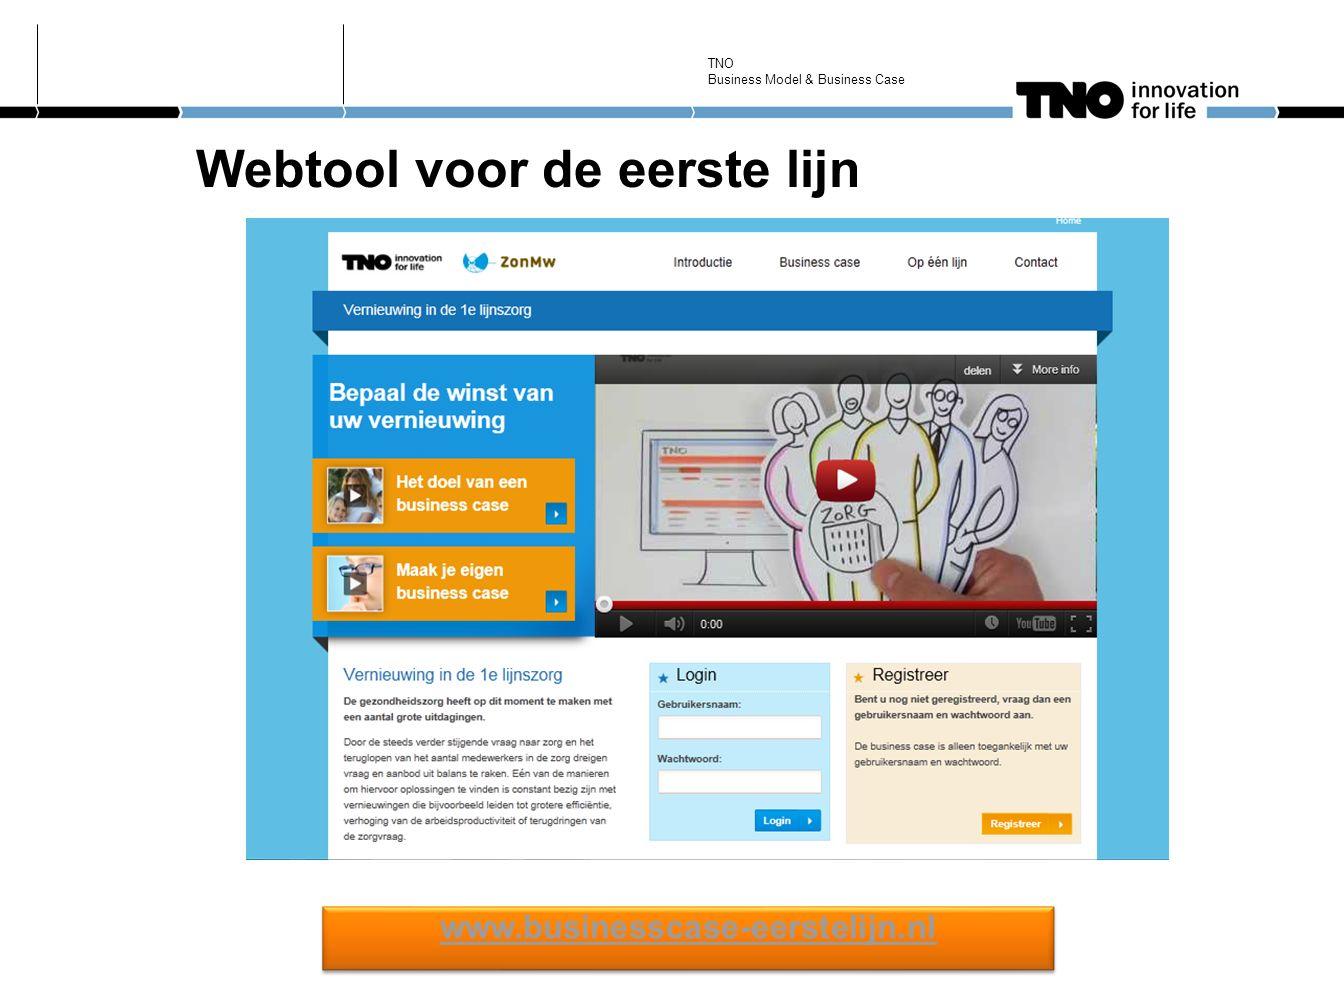 Webtool voor de eerste lijn www.businesscase-eerstelijn.nl TNO Business Model & Business Case